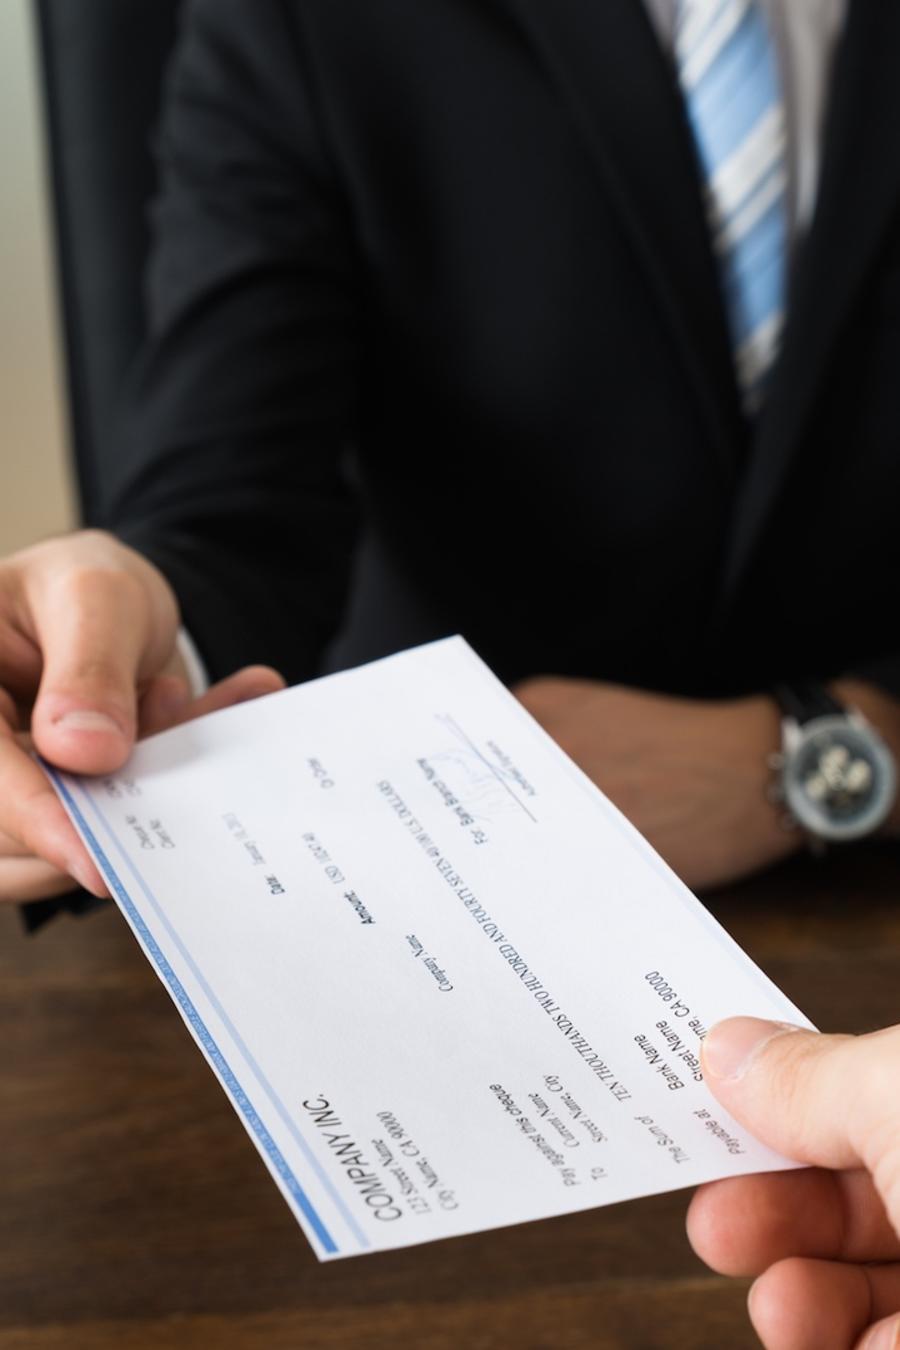 Jefe entregando cheque a empleado